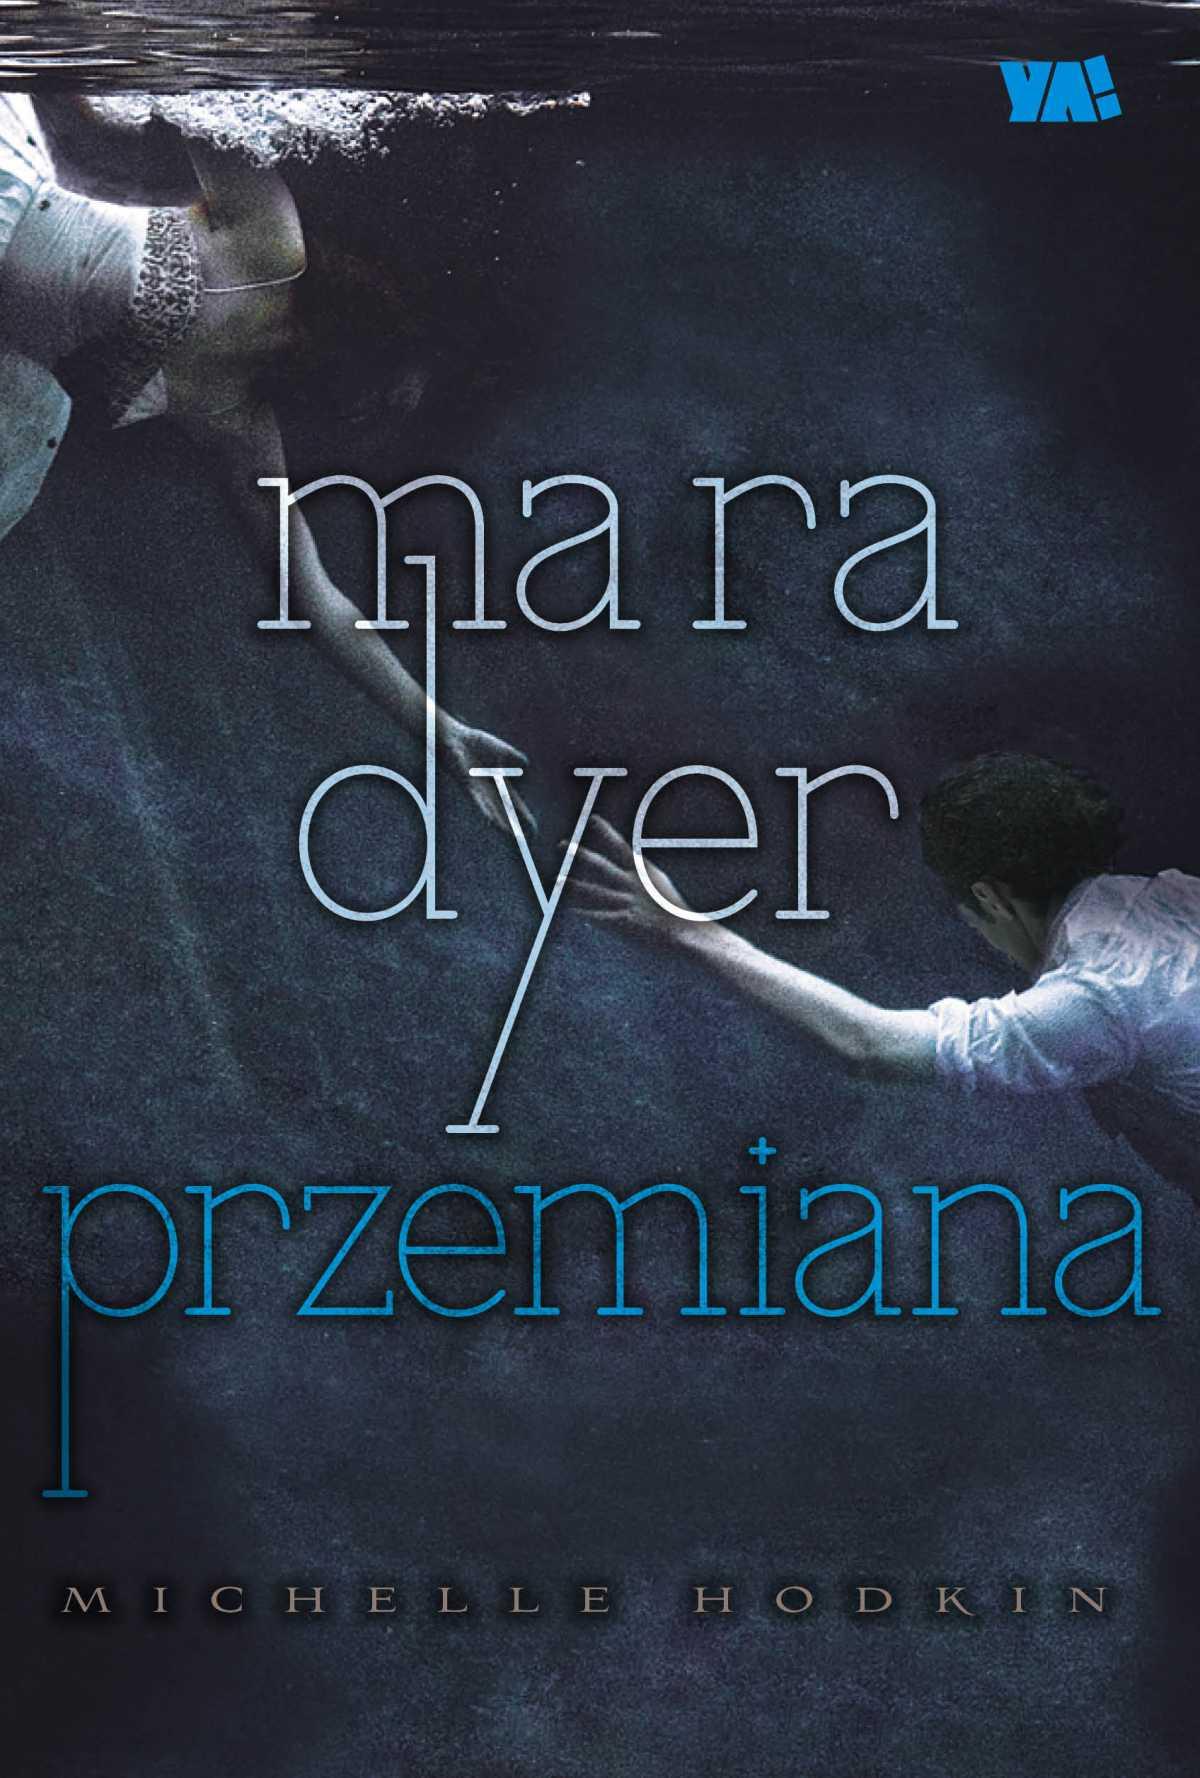 Mara Dyer. Przemiana - Ebook (Książka na Kindle) do pobrania w formacie MOBI